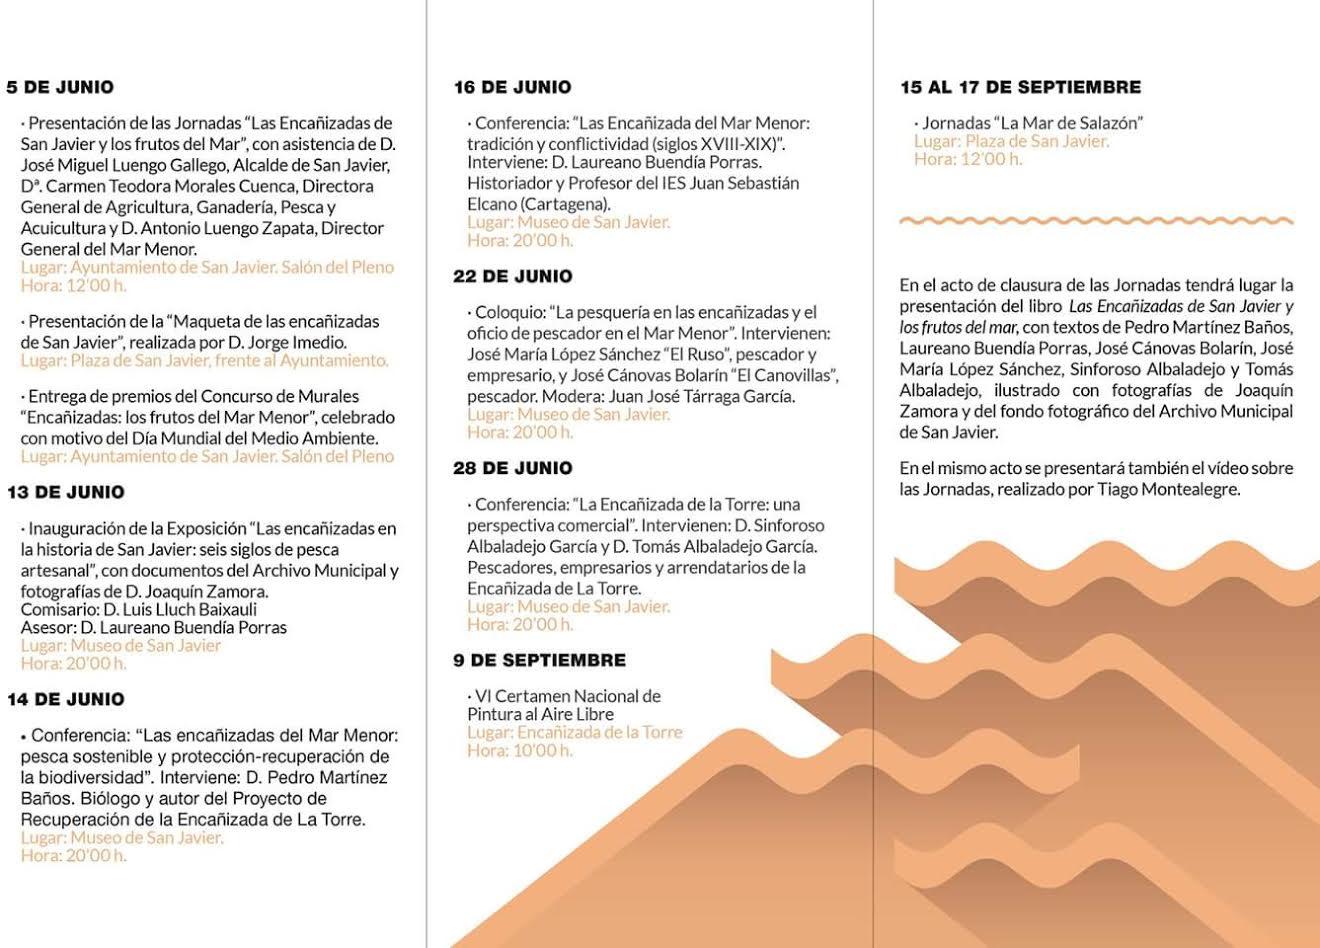 Jornadas 'La mar de salazón', con el Ayto. de San Javier